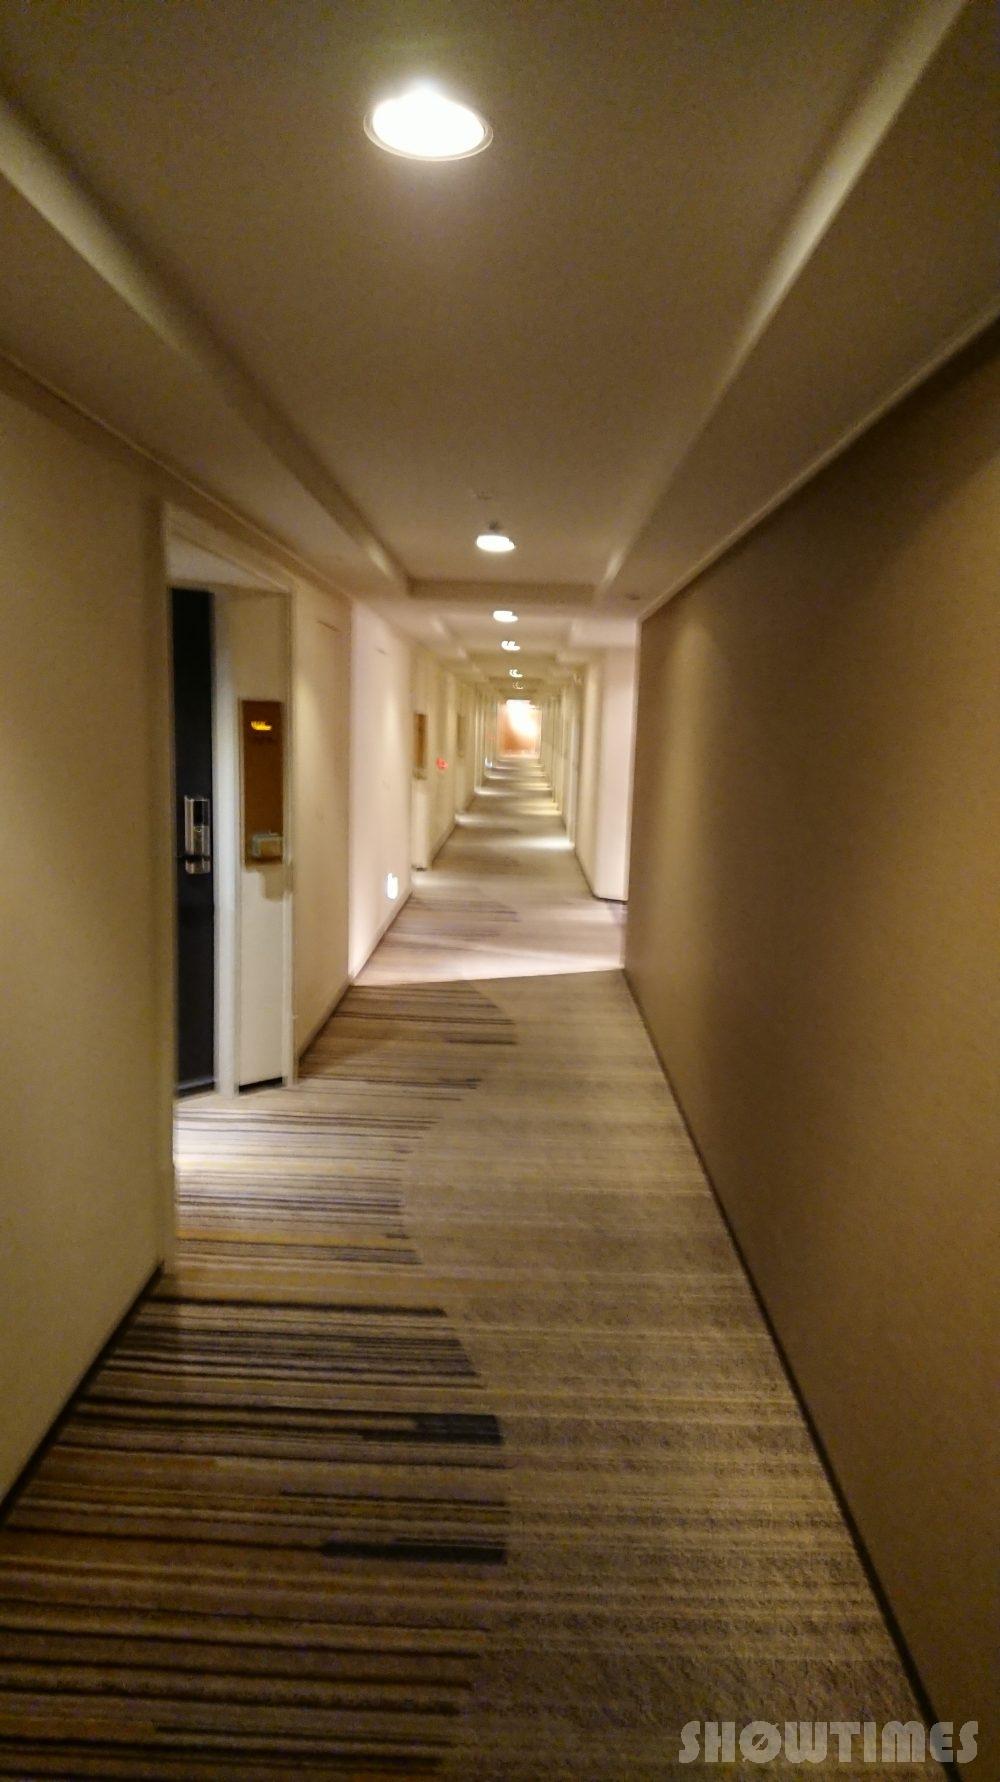 ホテルニューオータニ(東京)新江戸ルーム階の廊下